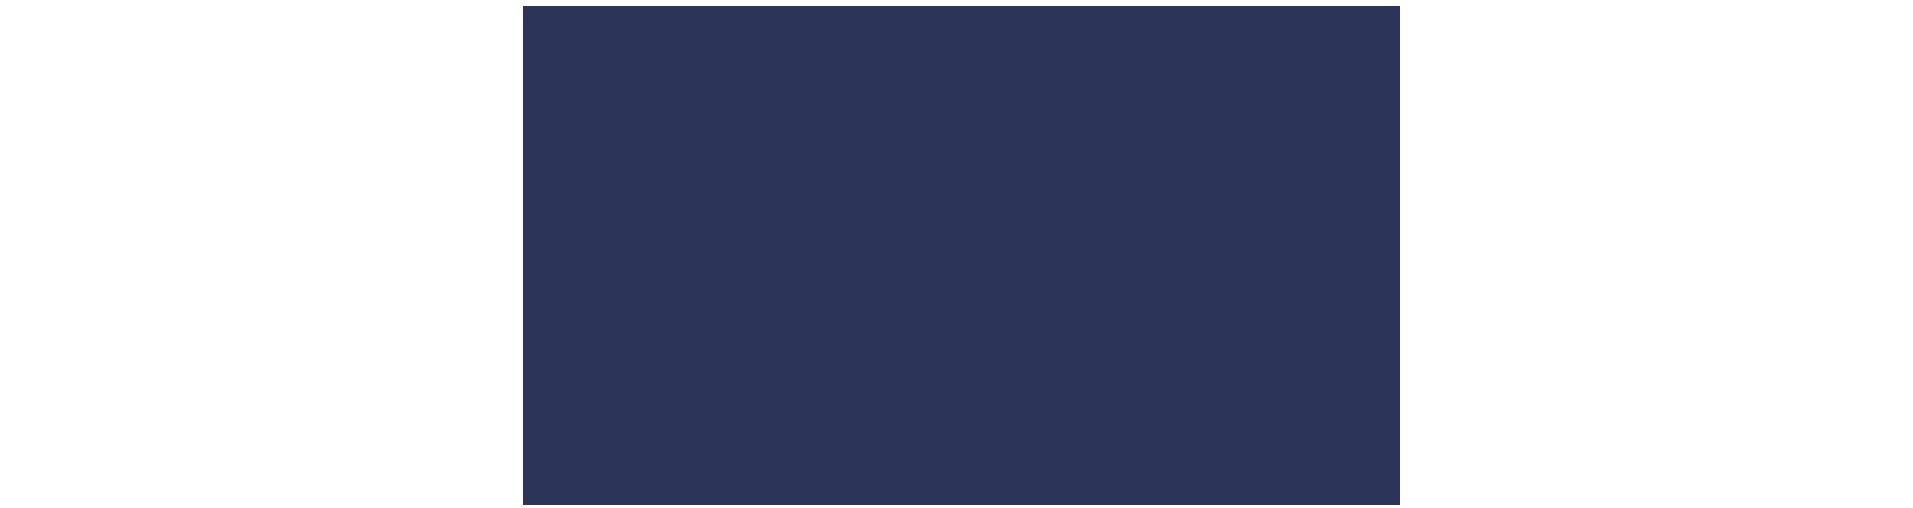 global_7